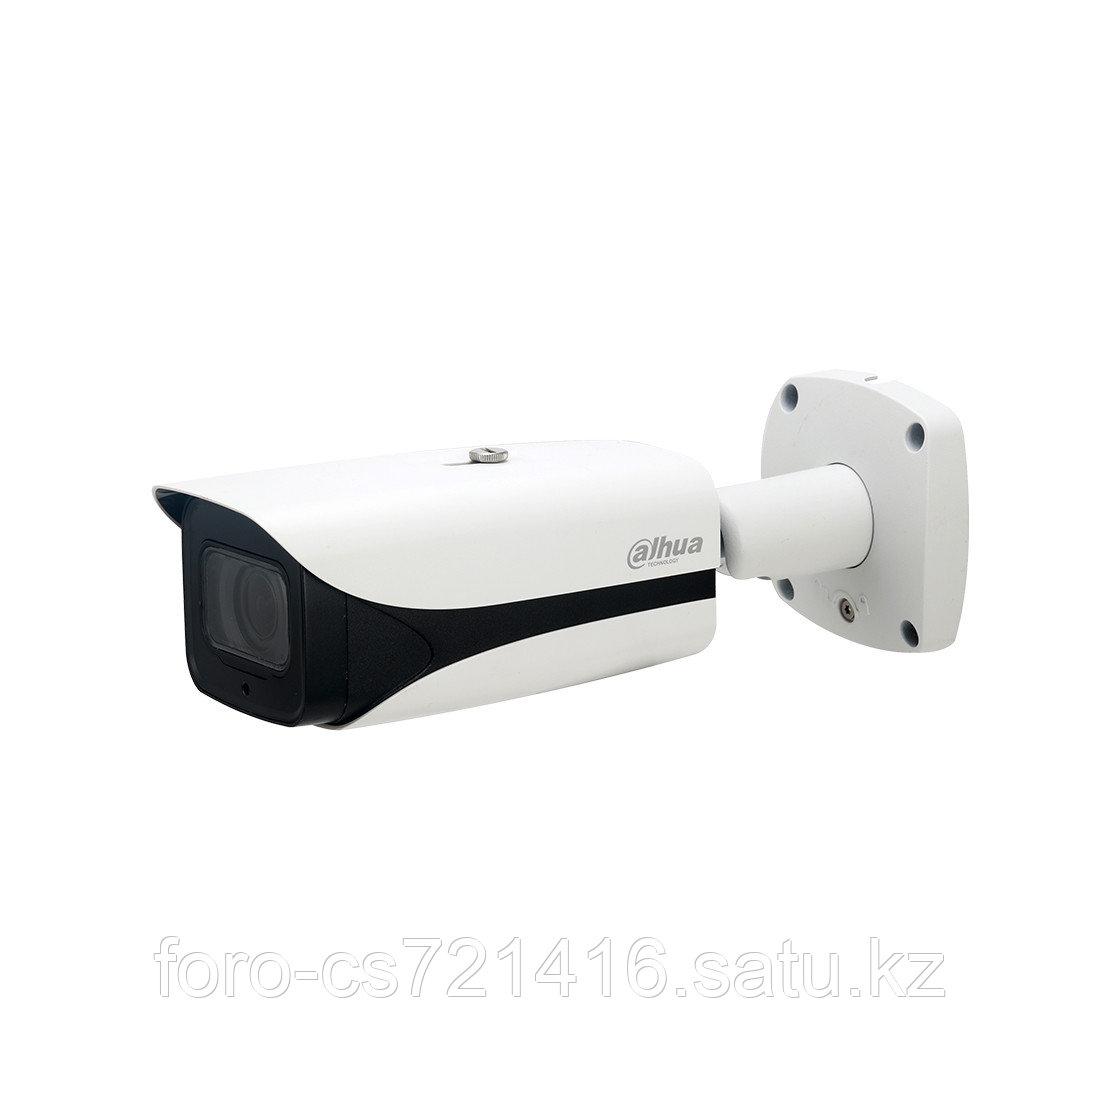 Цилиндрическая видеокамера Dahua DH-IPC-HFW5241EP-ZE